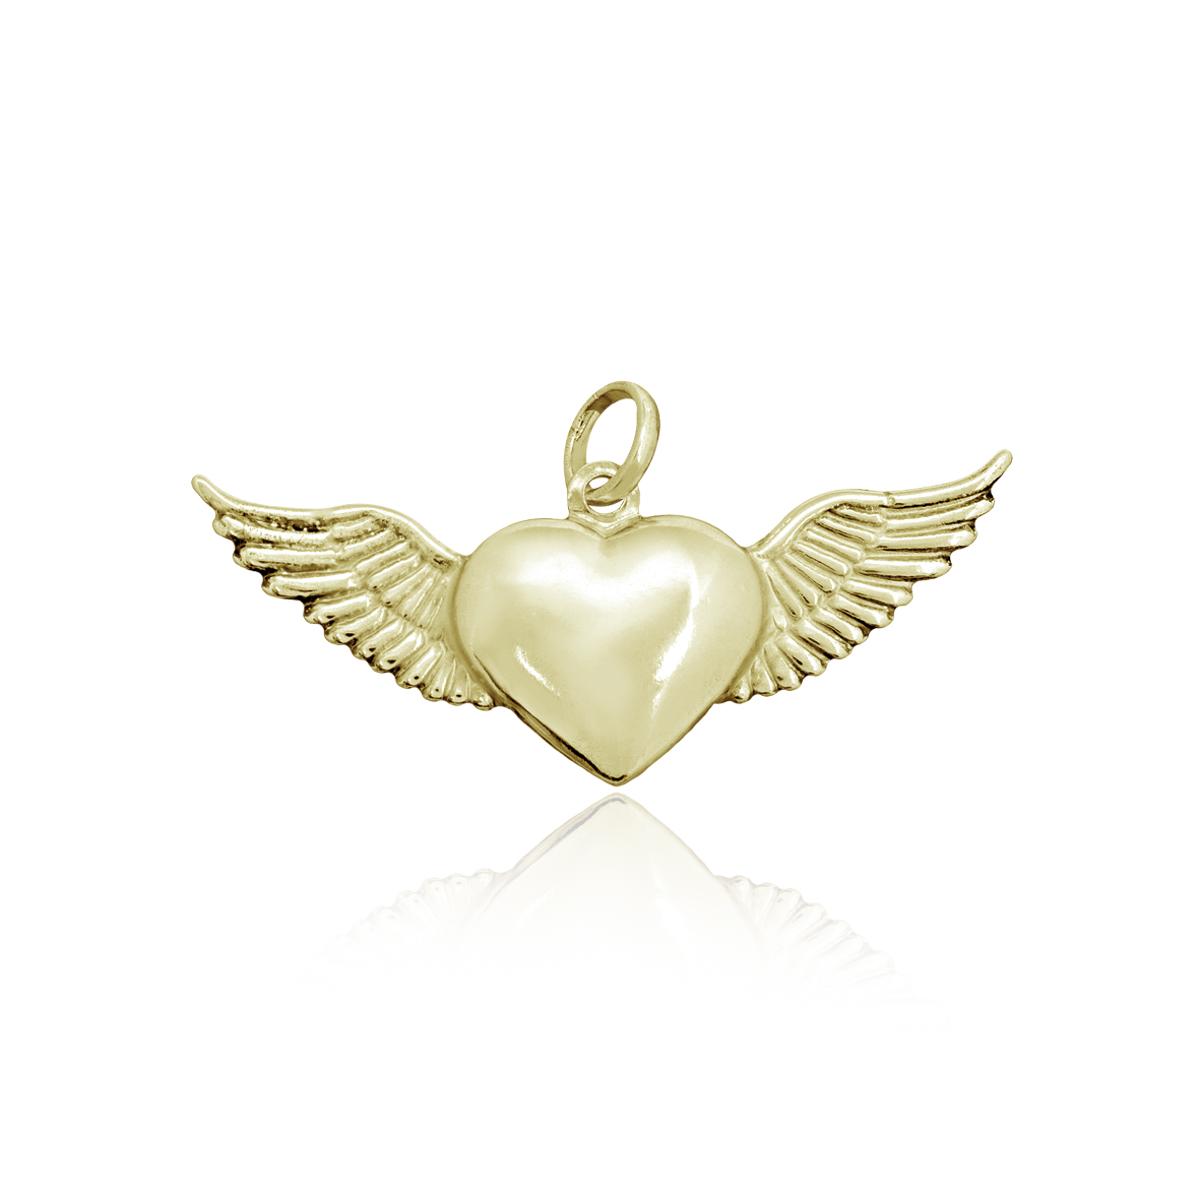 Pingente semijoia coração alado folheado a ouro 18k ou ródio